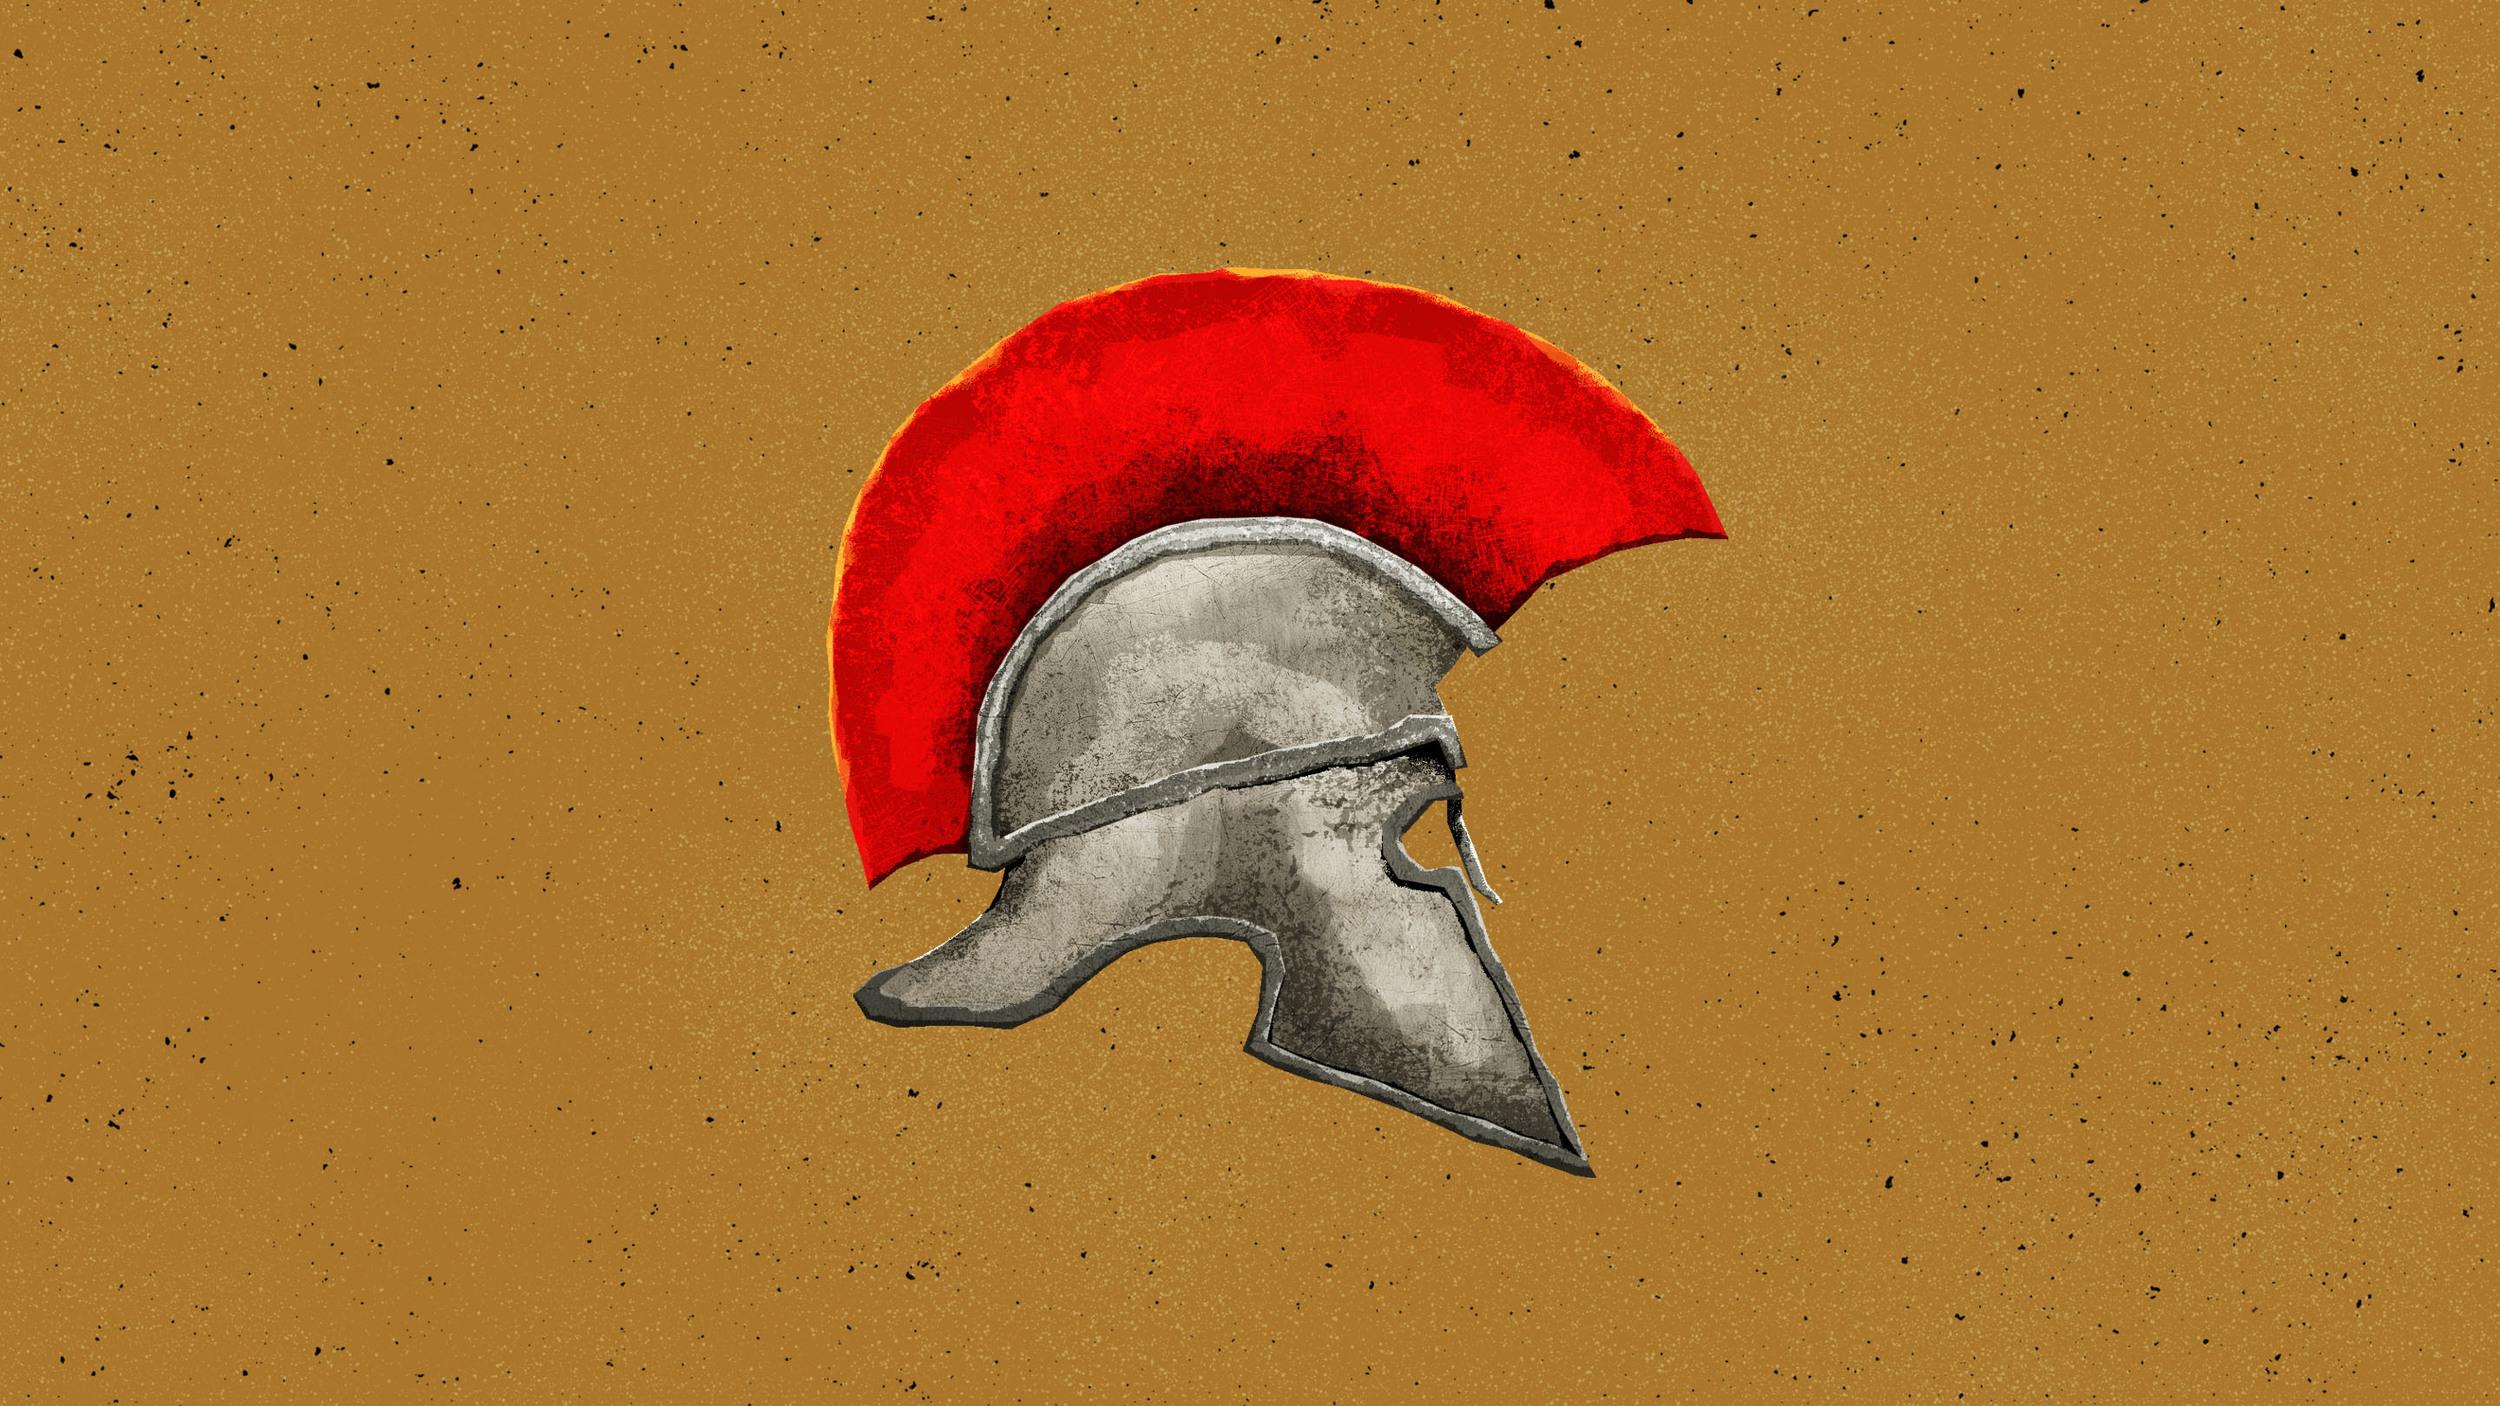 Armor Of God_Helmet.jpg